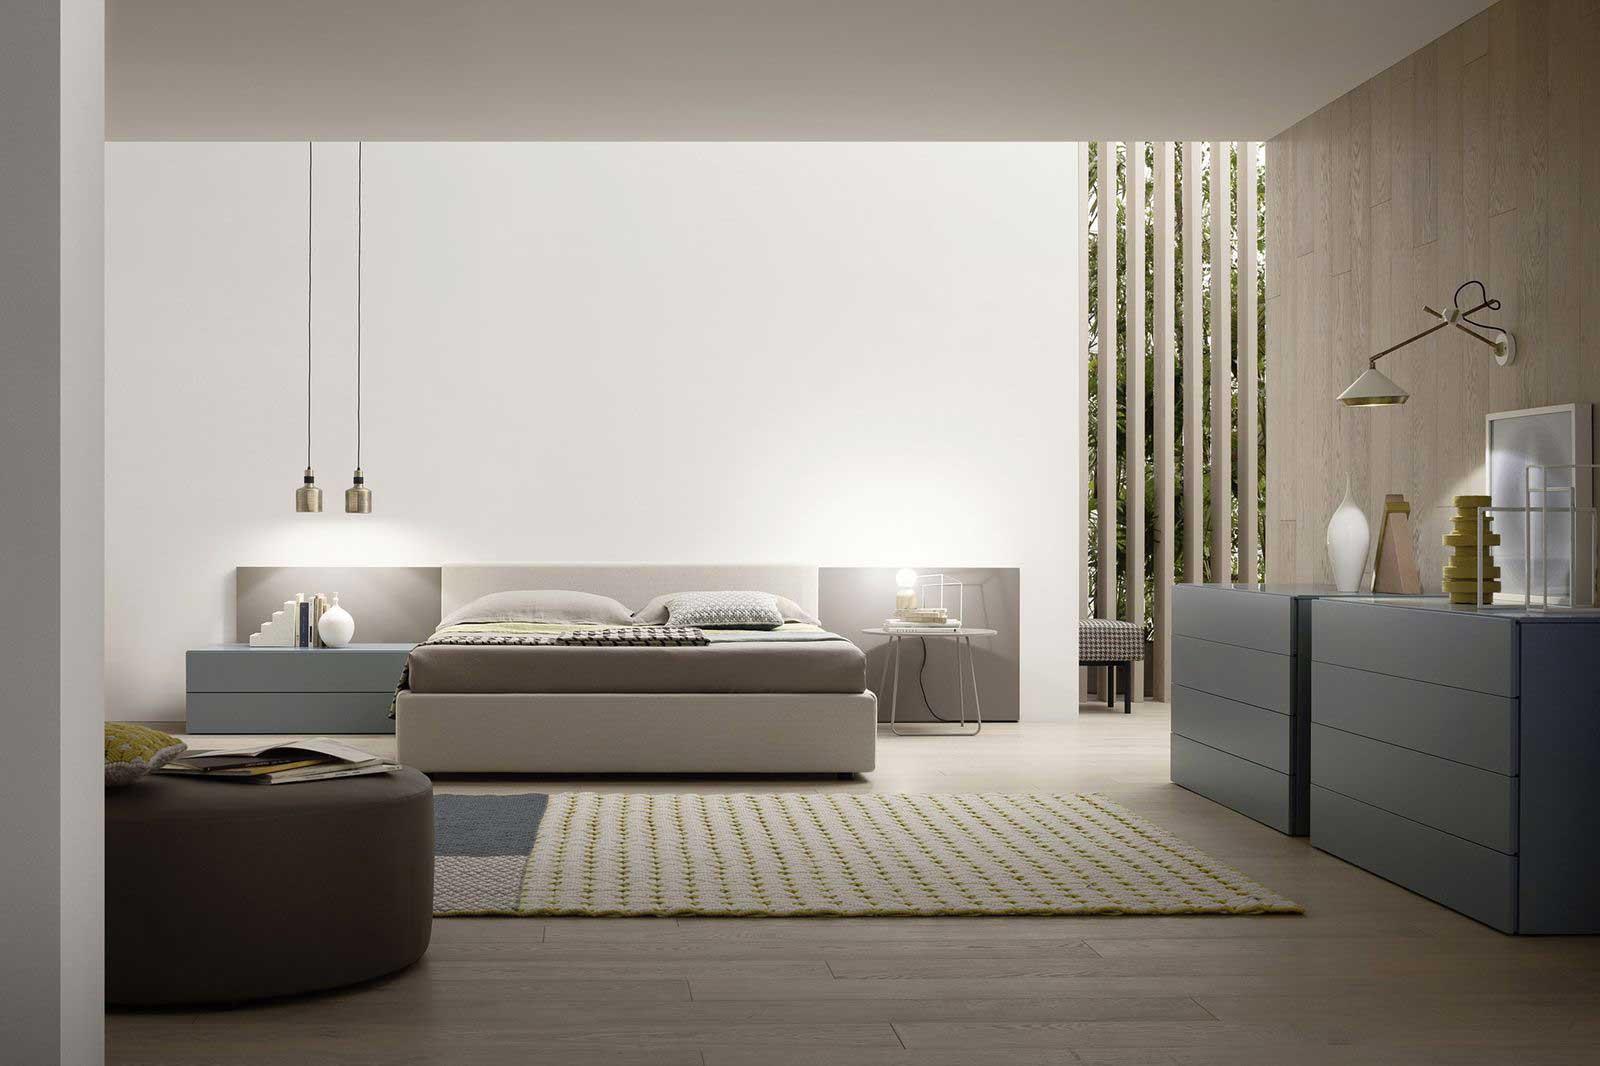 Camere Da Letto Ultramoderne camere da letto moderne e classiche, arredamenti genova| elce